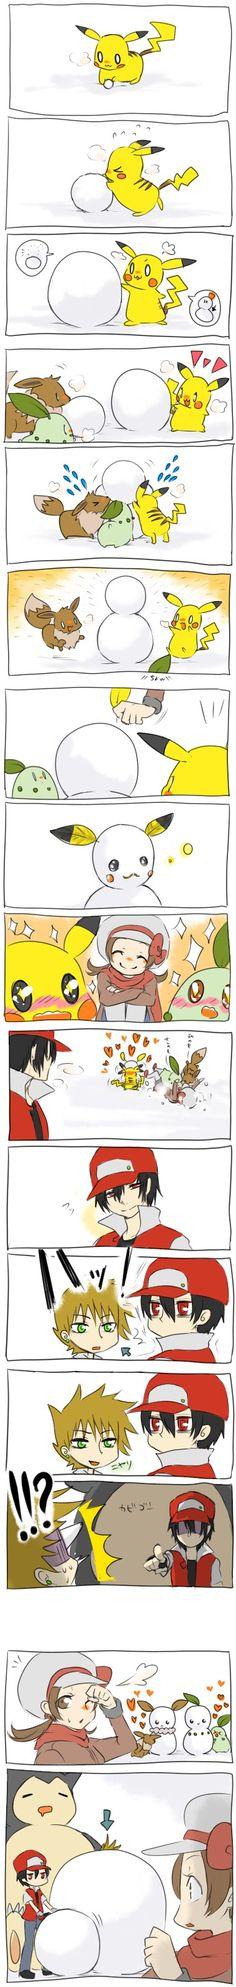 Pikachu, Eevee, Chikorita, Lyra/Kotone (Pokémon), Red (Pokémon), Green (Pokémon), Snorlax